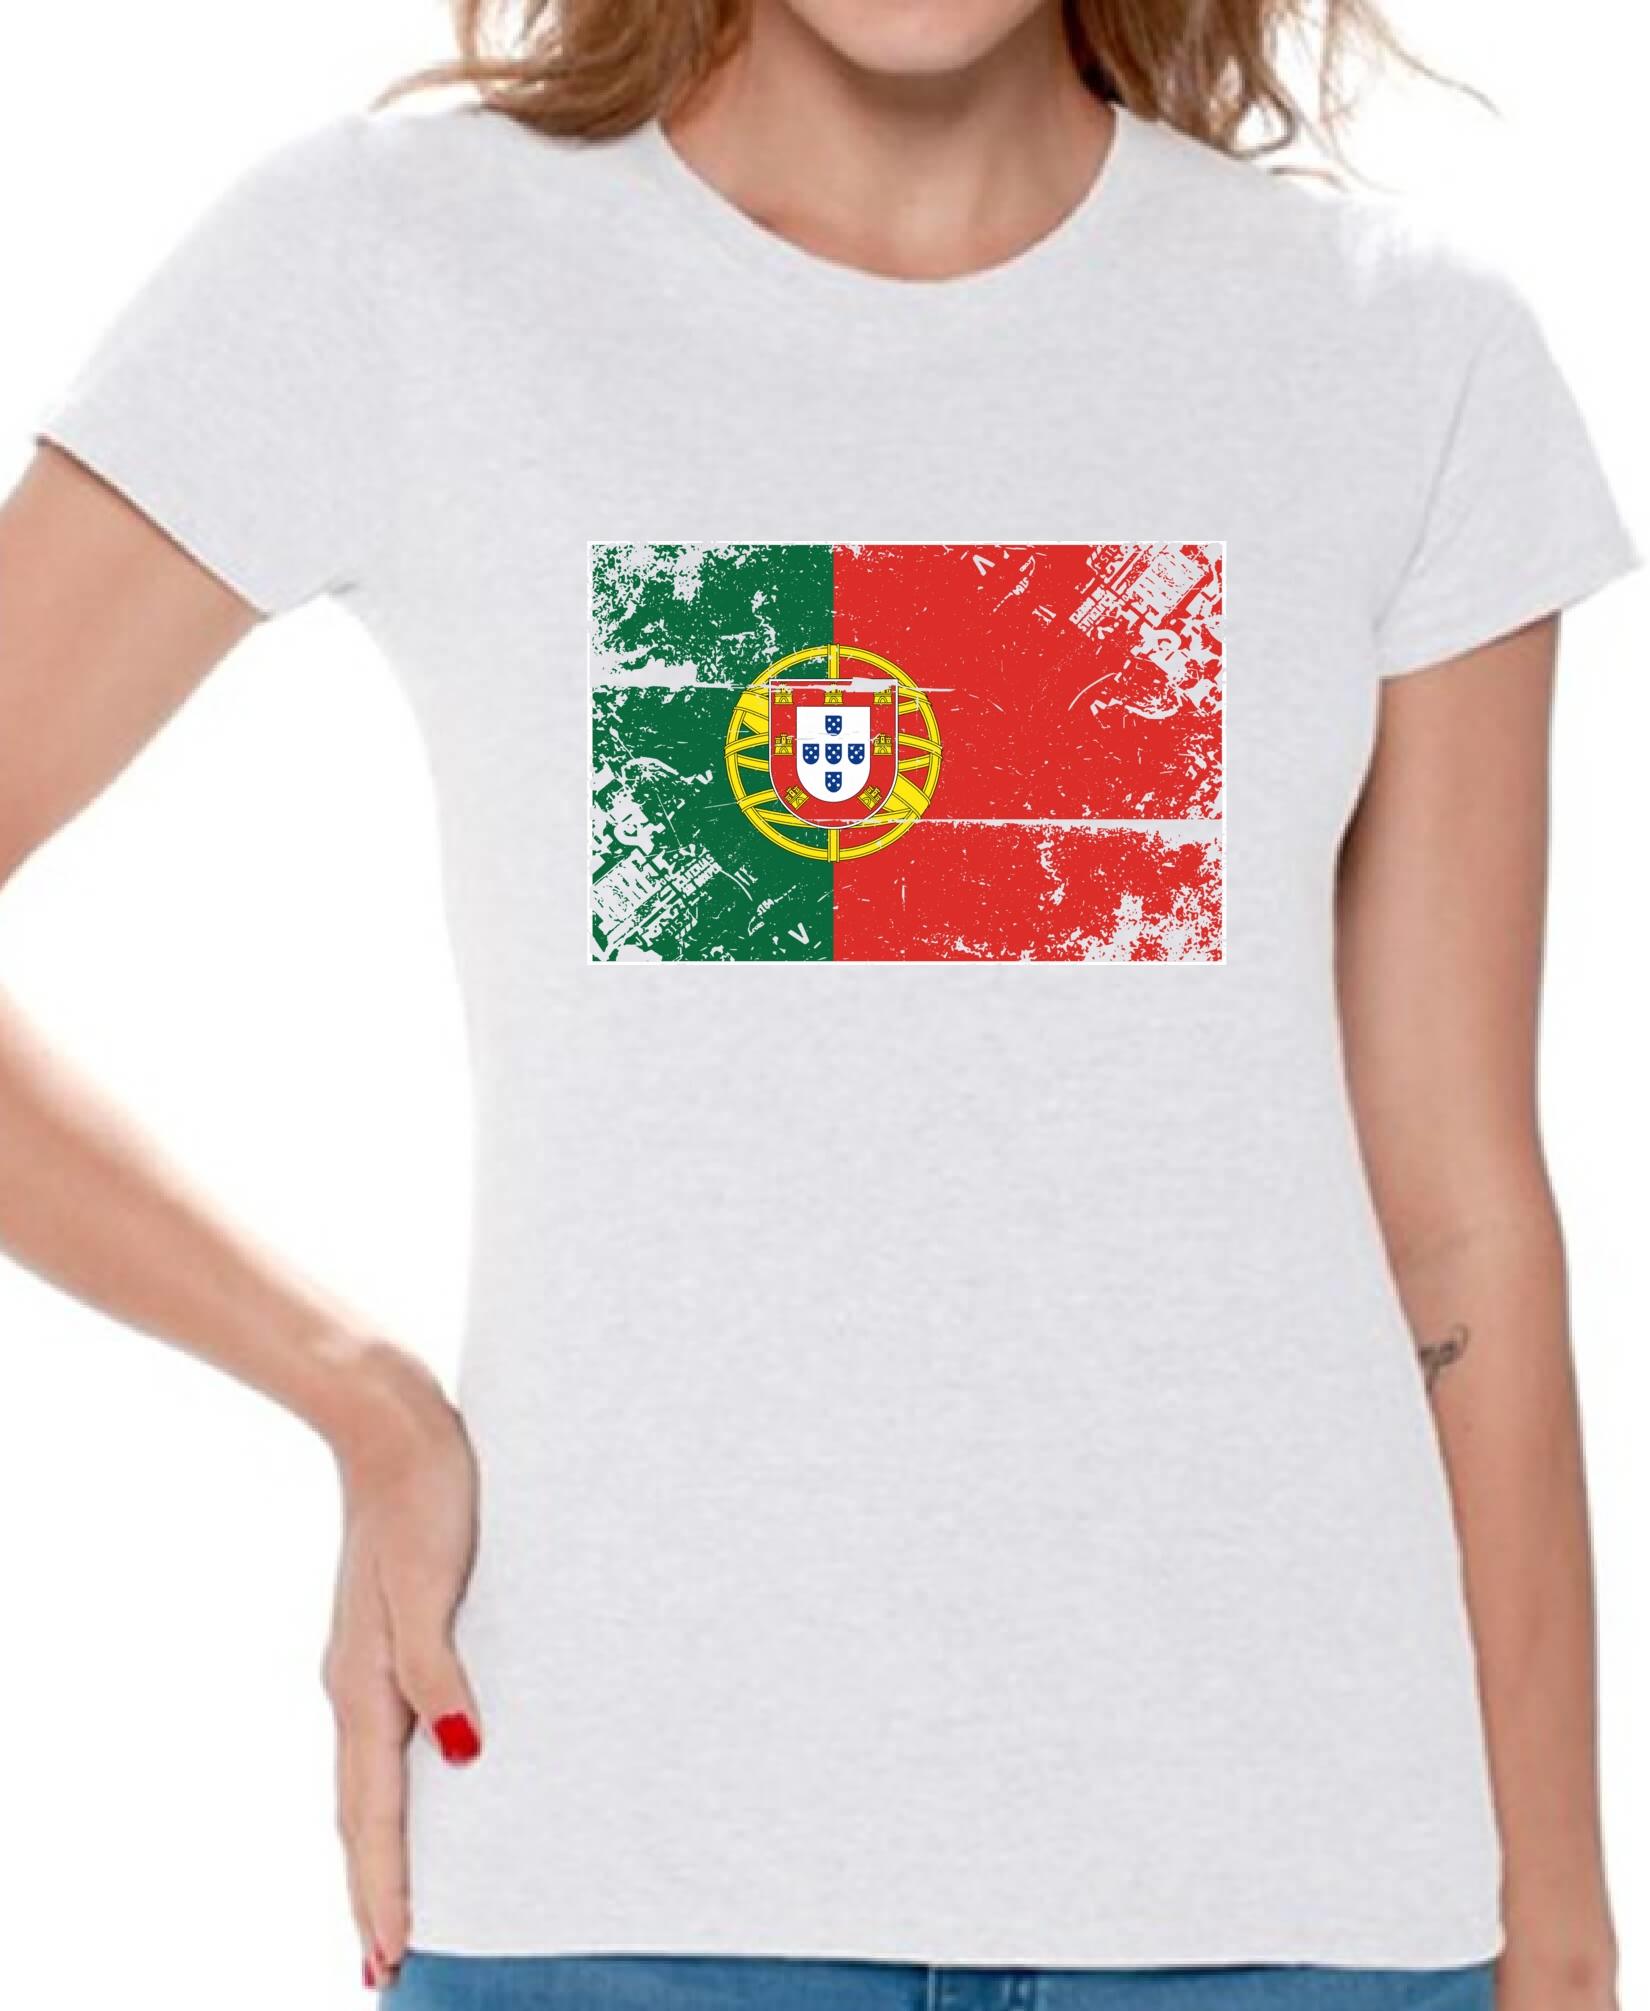 portugal t shirt portugal shirt 2018 portugal soccer. Black Bedroom Furniture Sets. Home Design Ideas